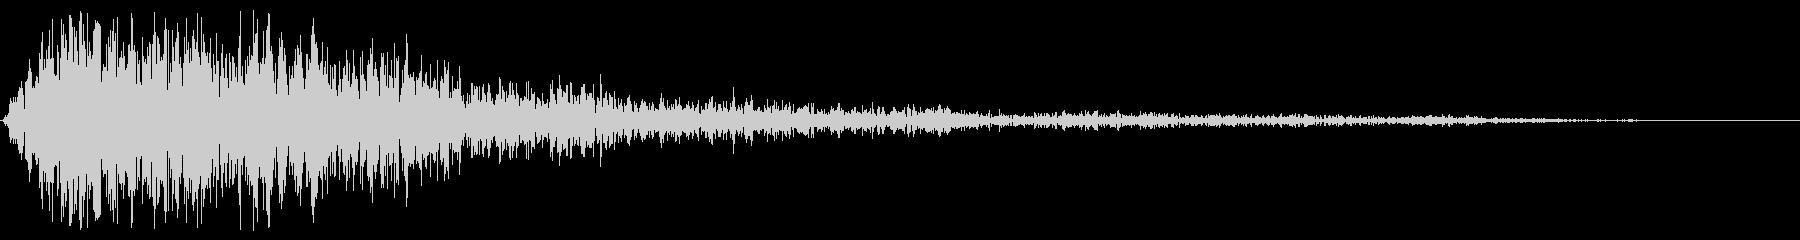 バイブレーションスマックストップの未再生の波形